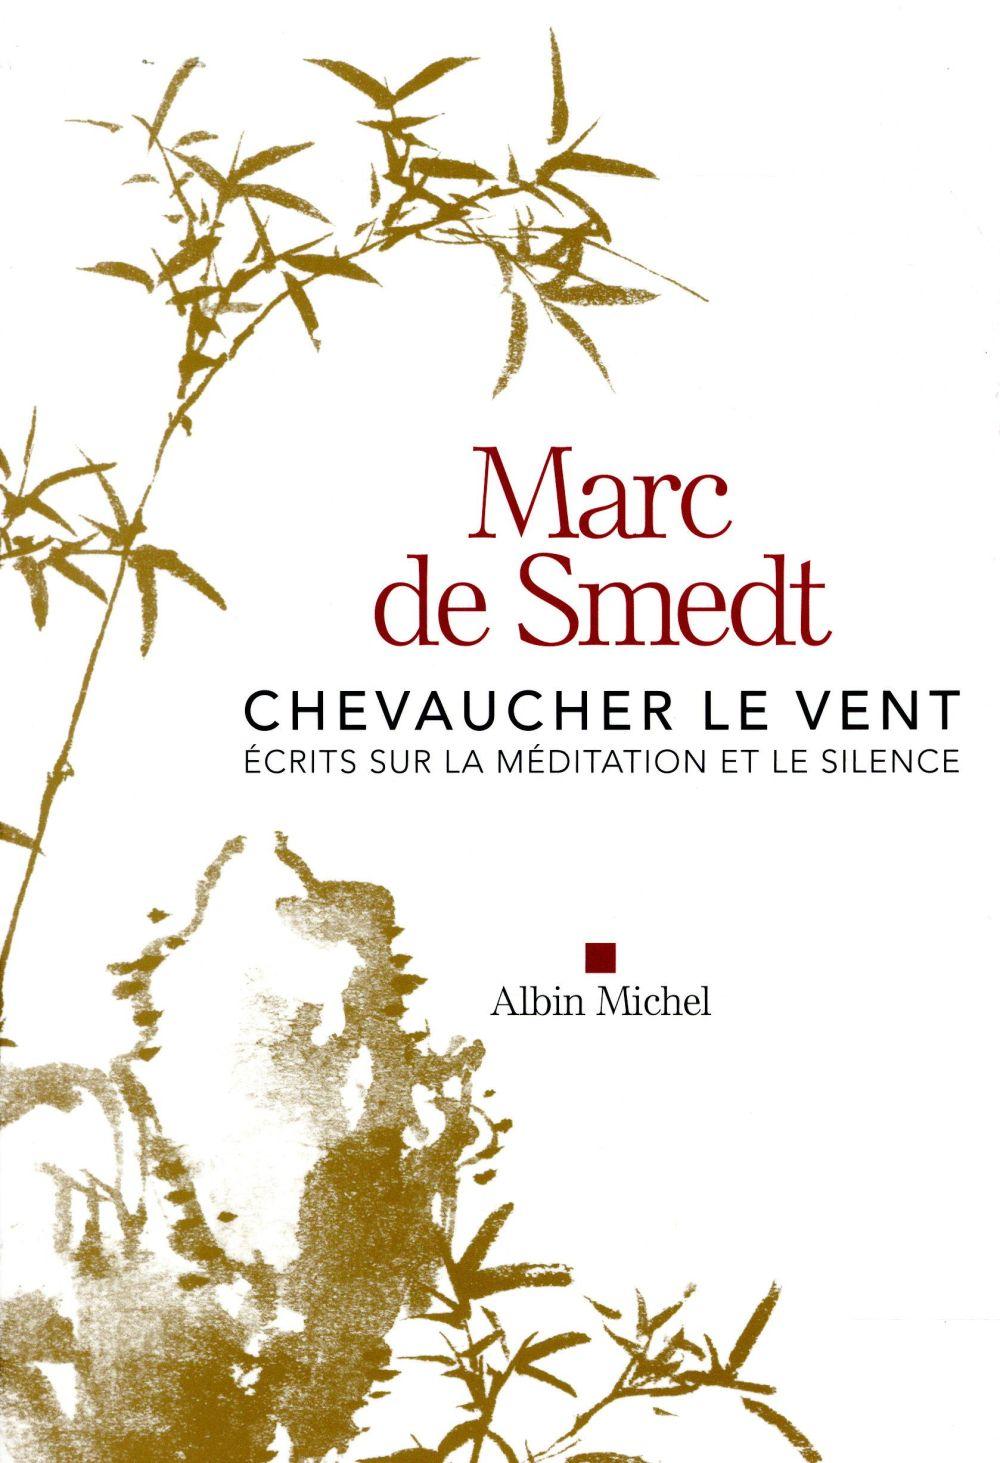 CHEVAUCHER LE VENT - ECRITS SUR LA MEDITATION ET LE SILENCE